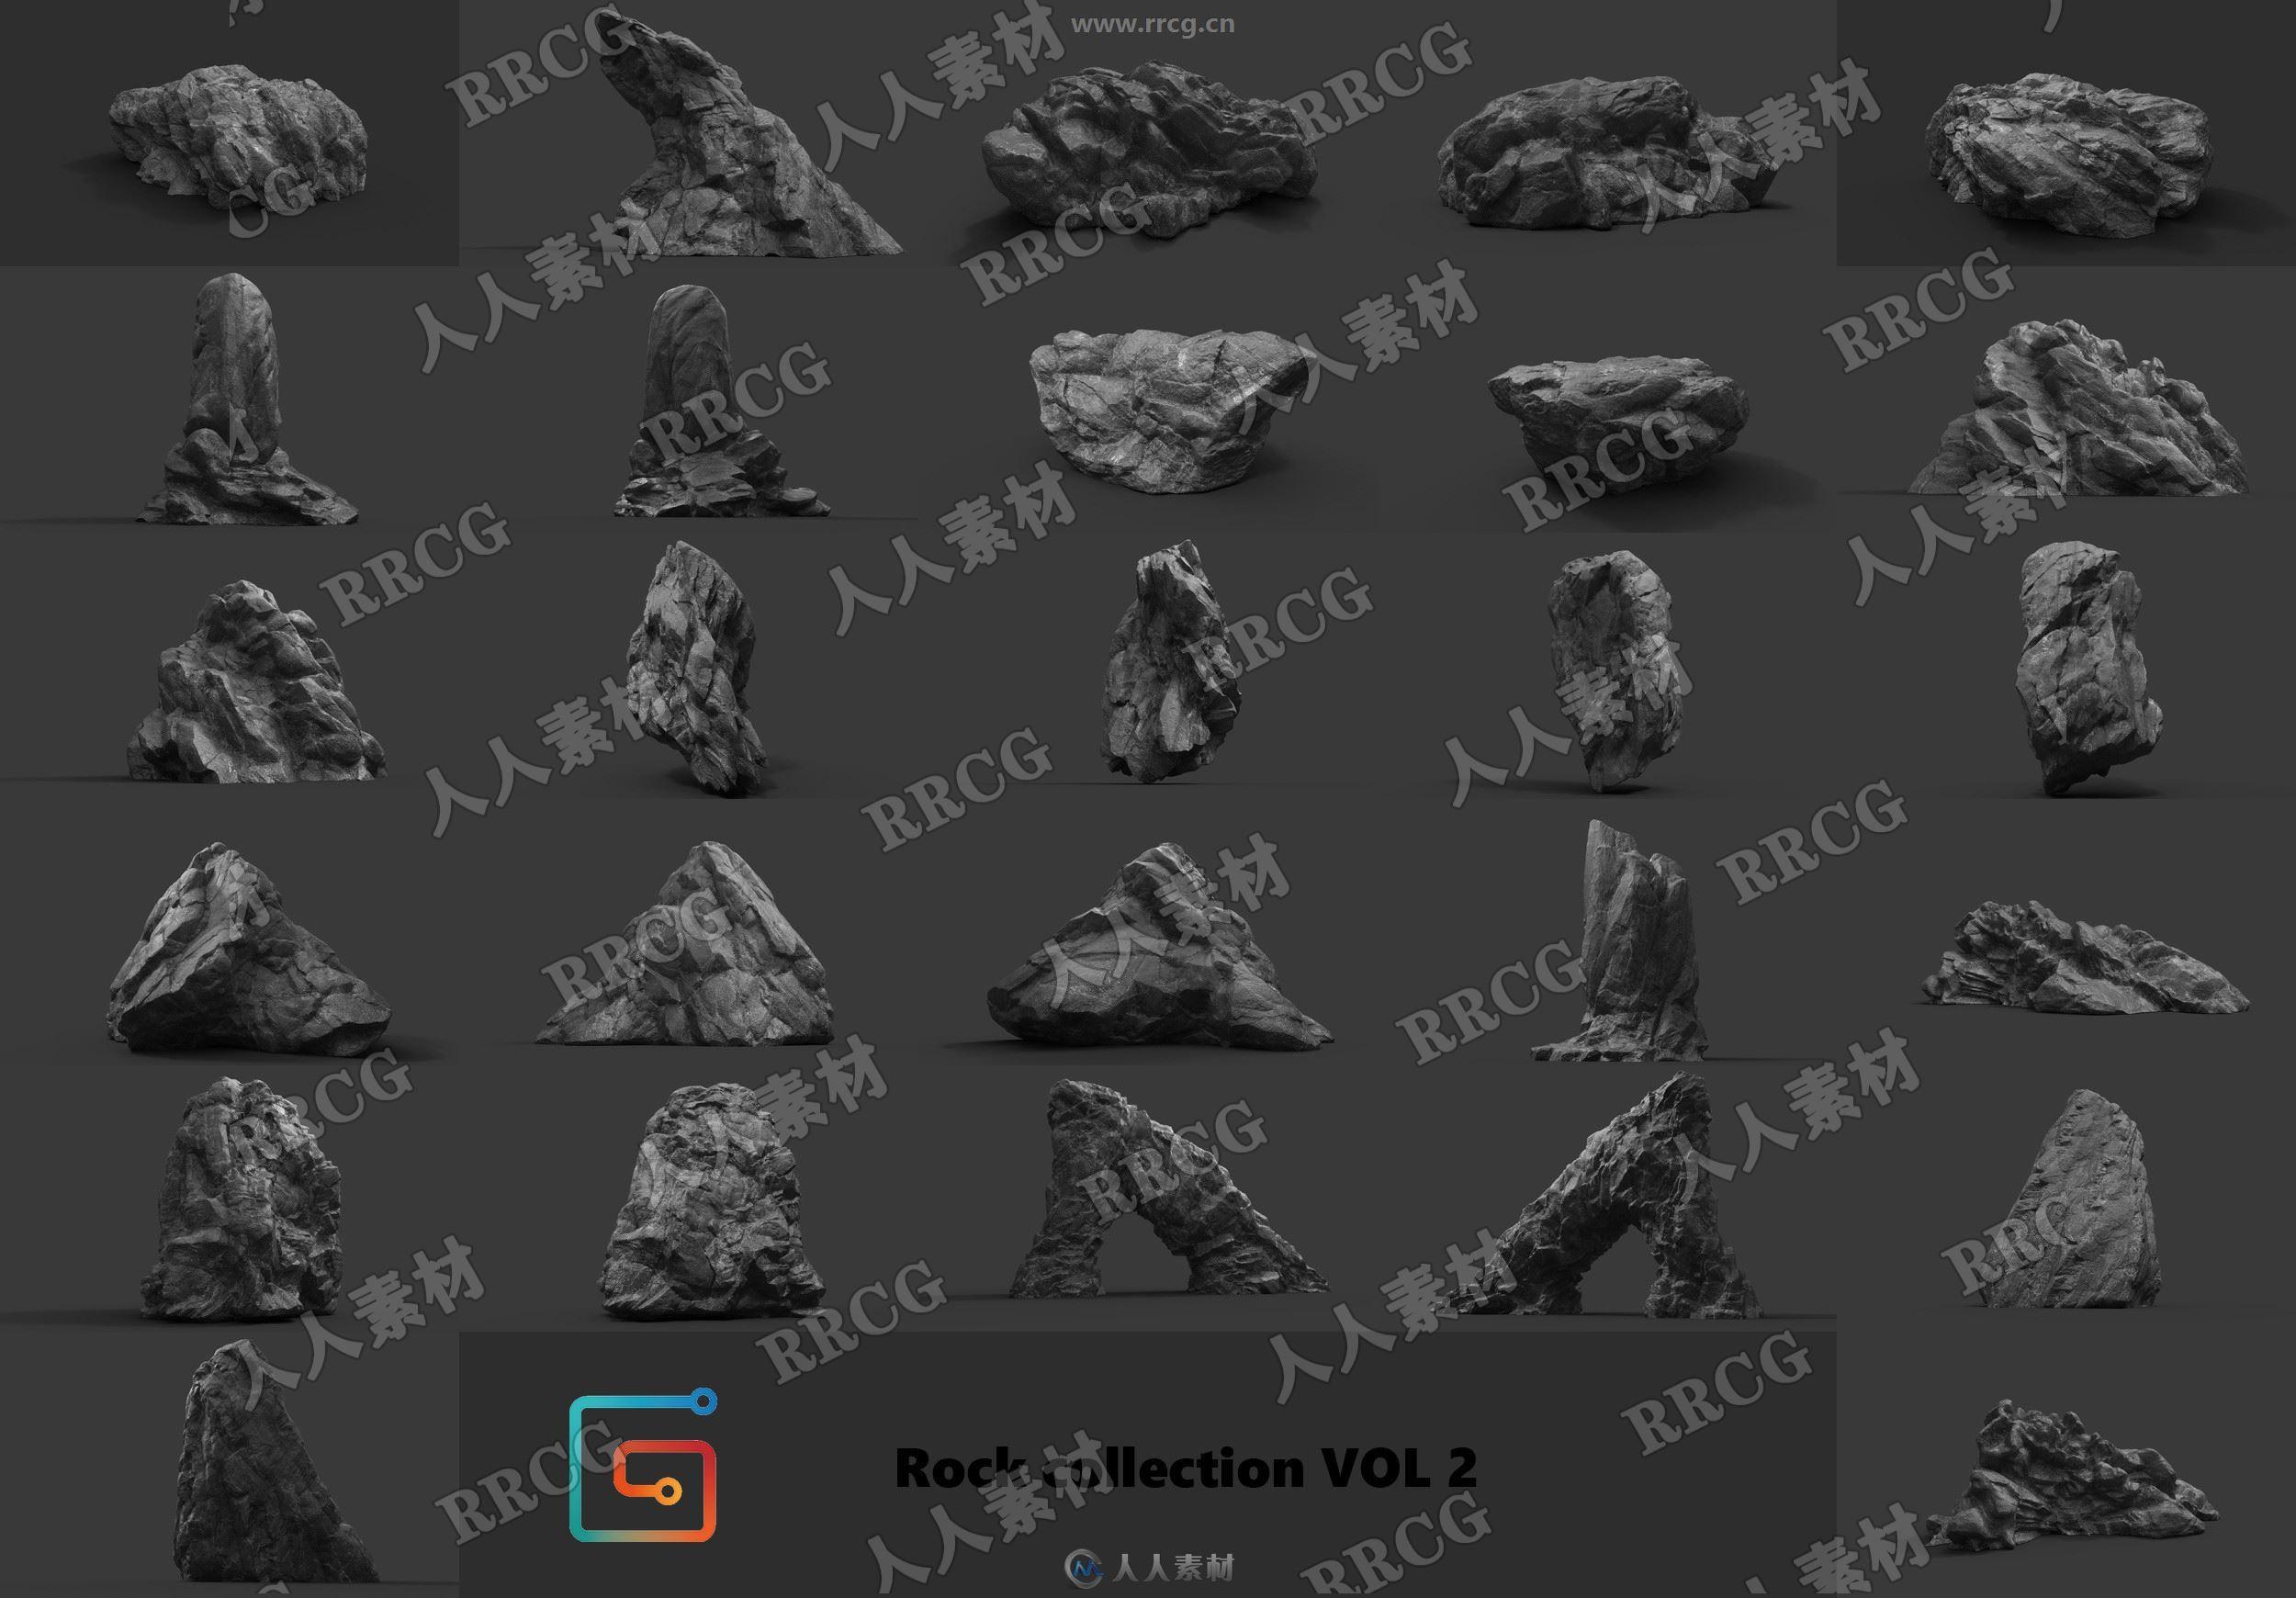 14组高精度岩石3D模型与PBR贴图合集